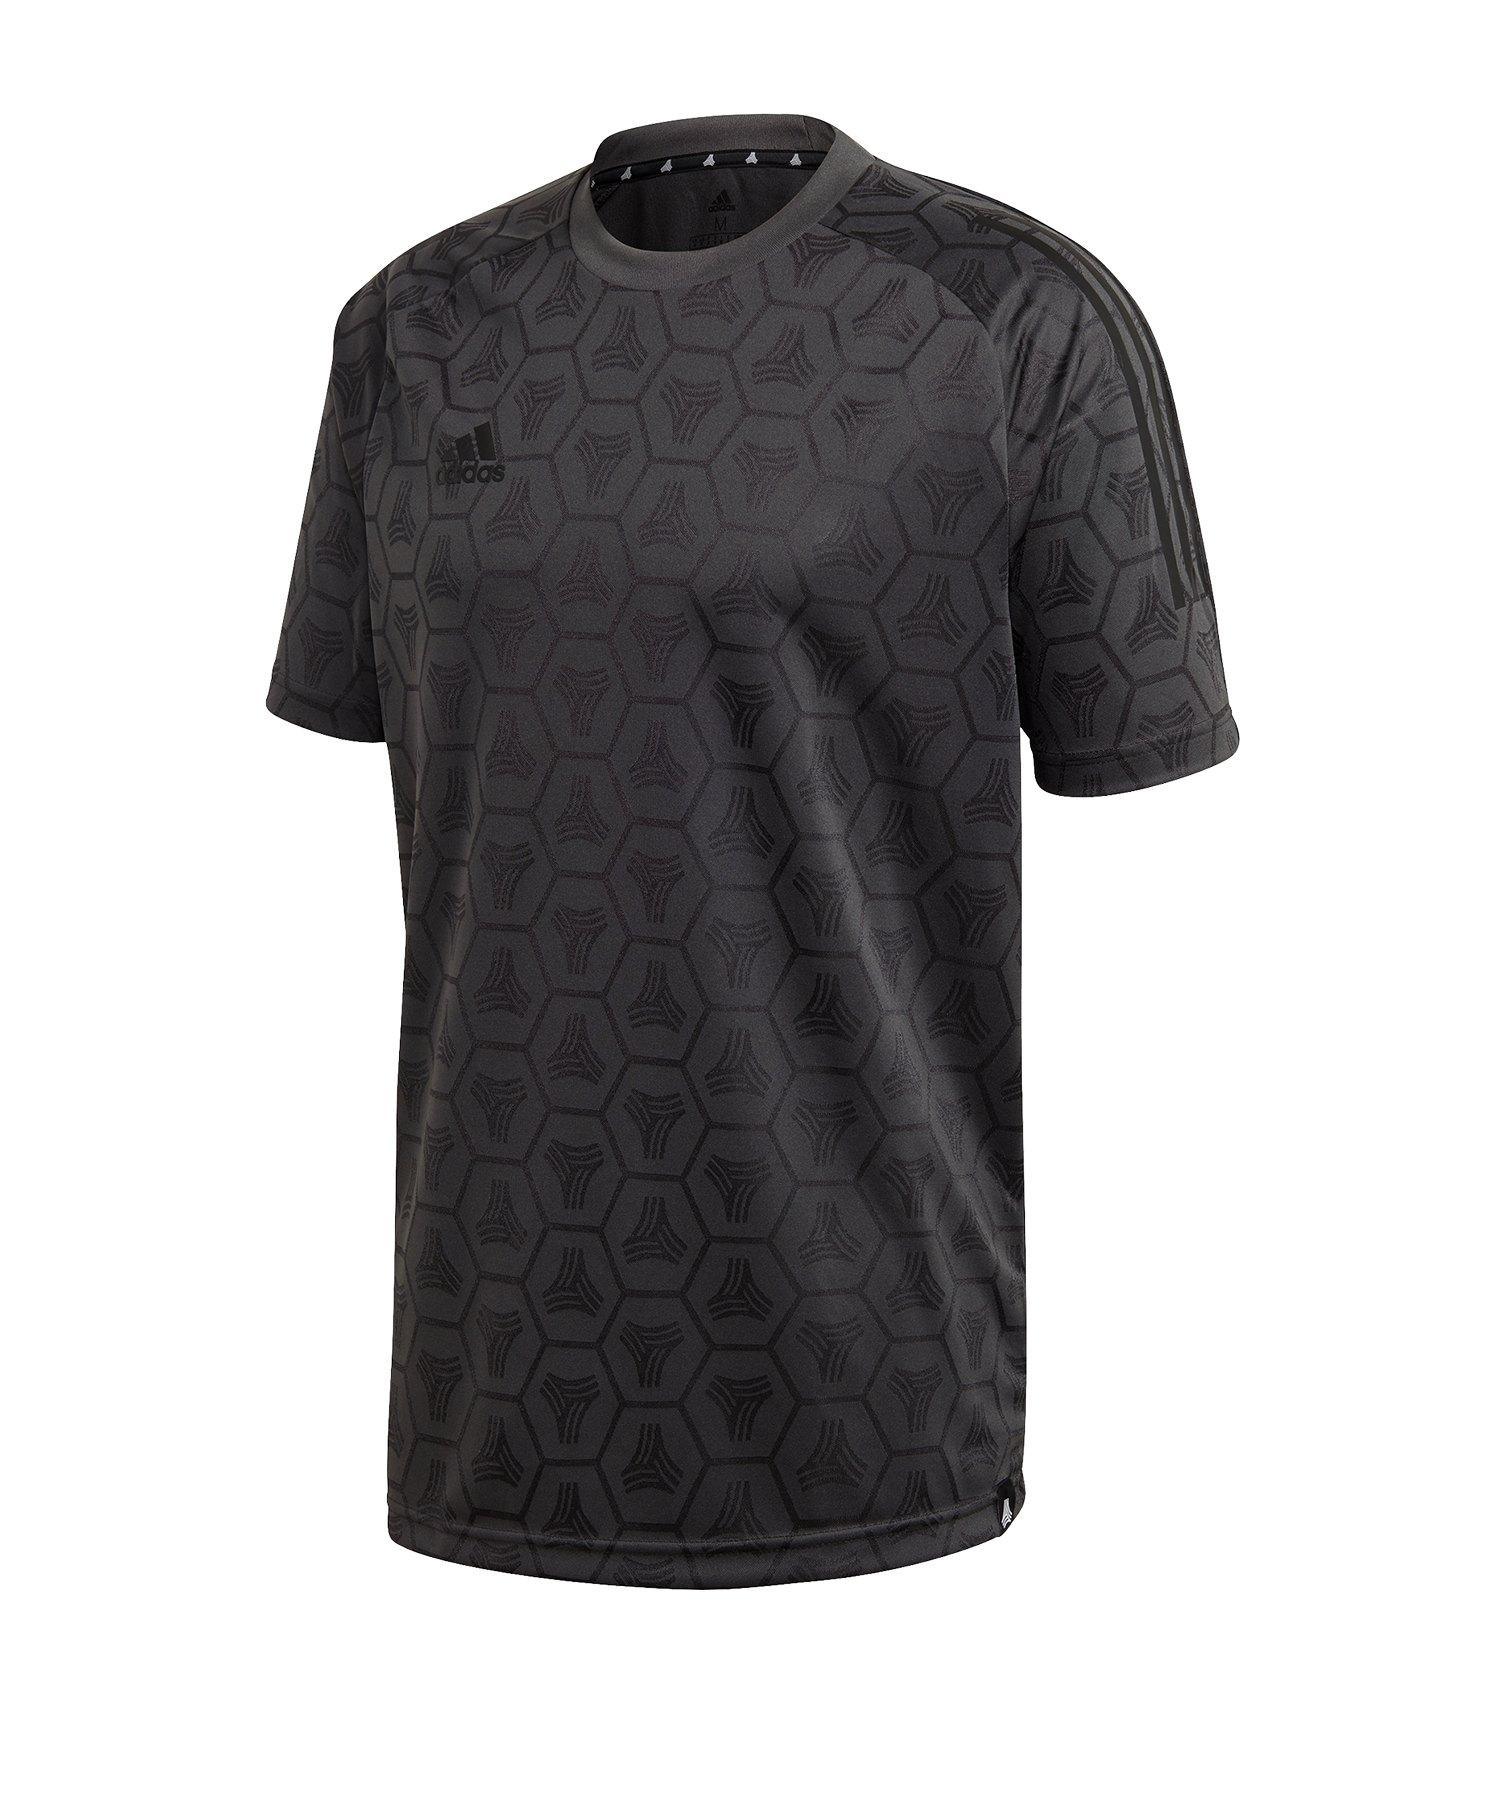 adidas Tango JQD Shirt Grau - grau